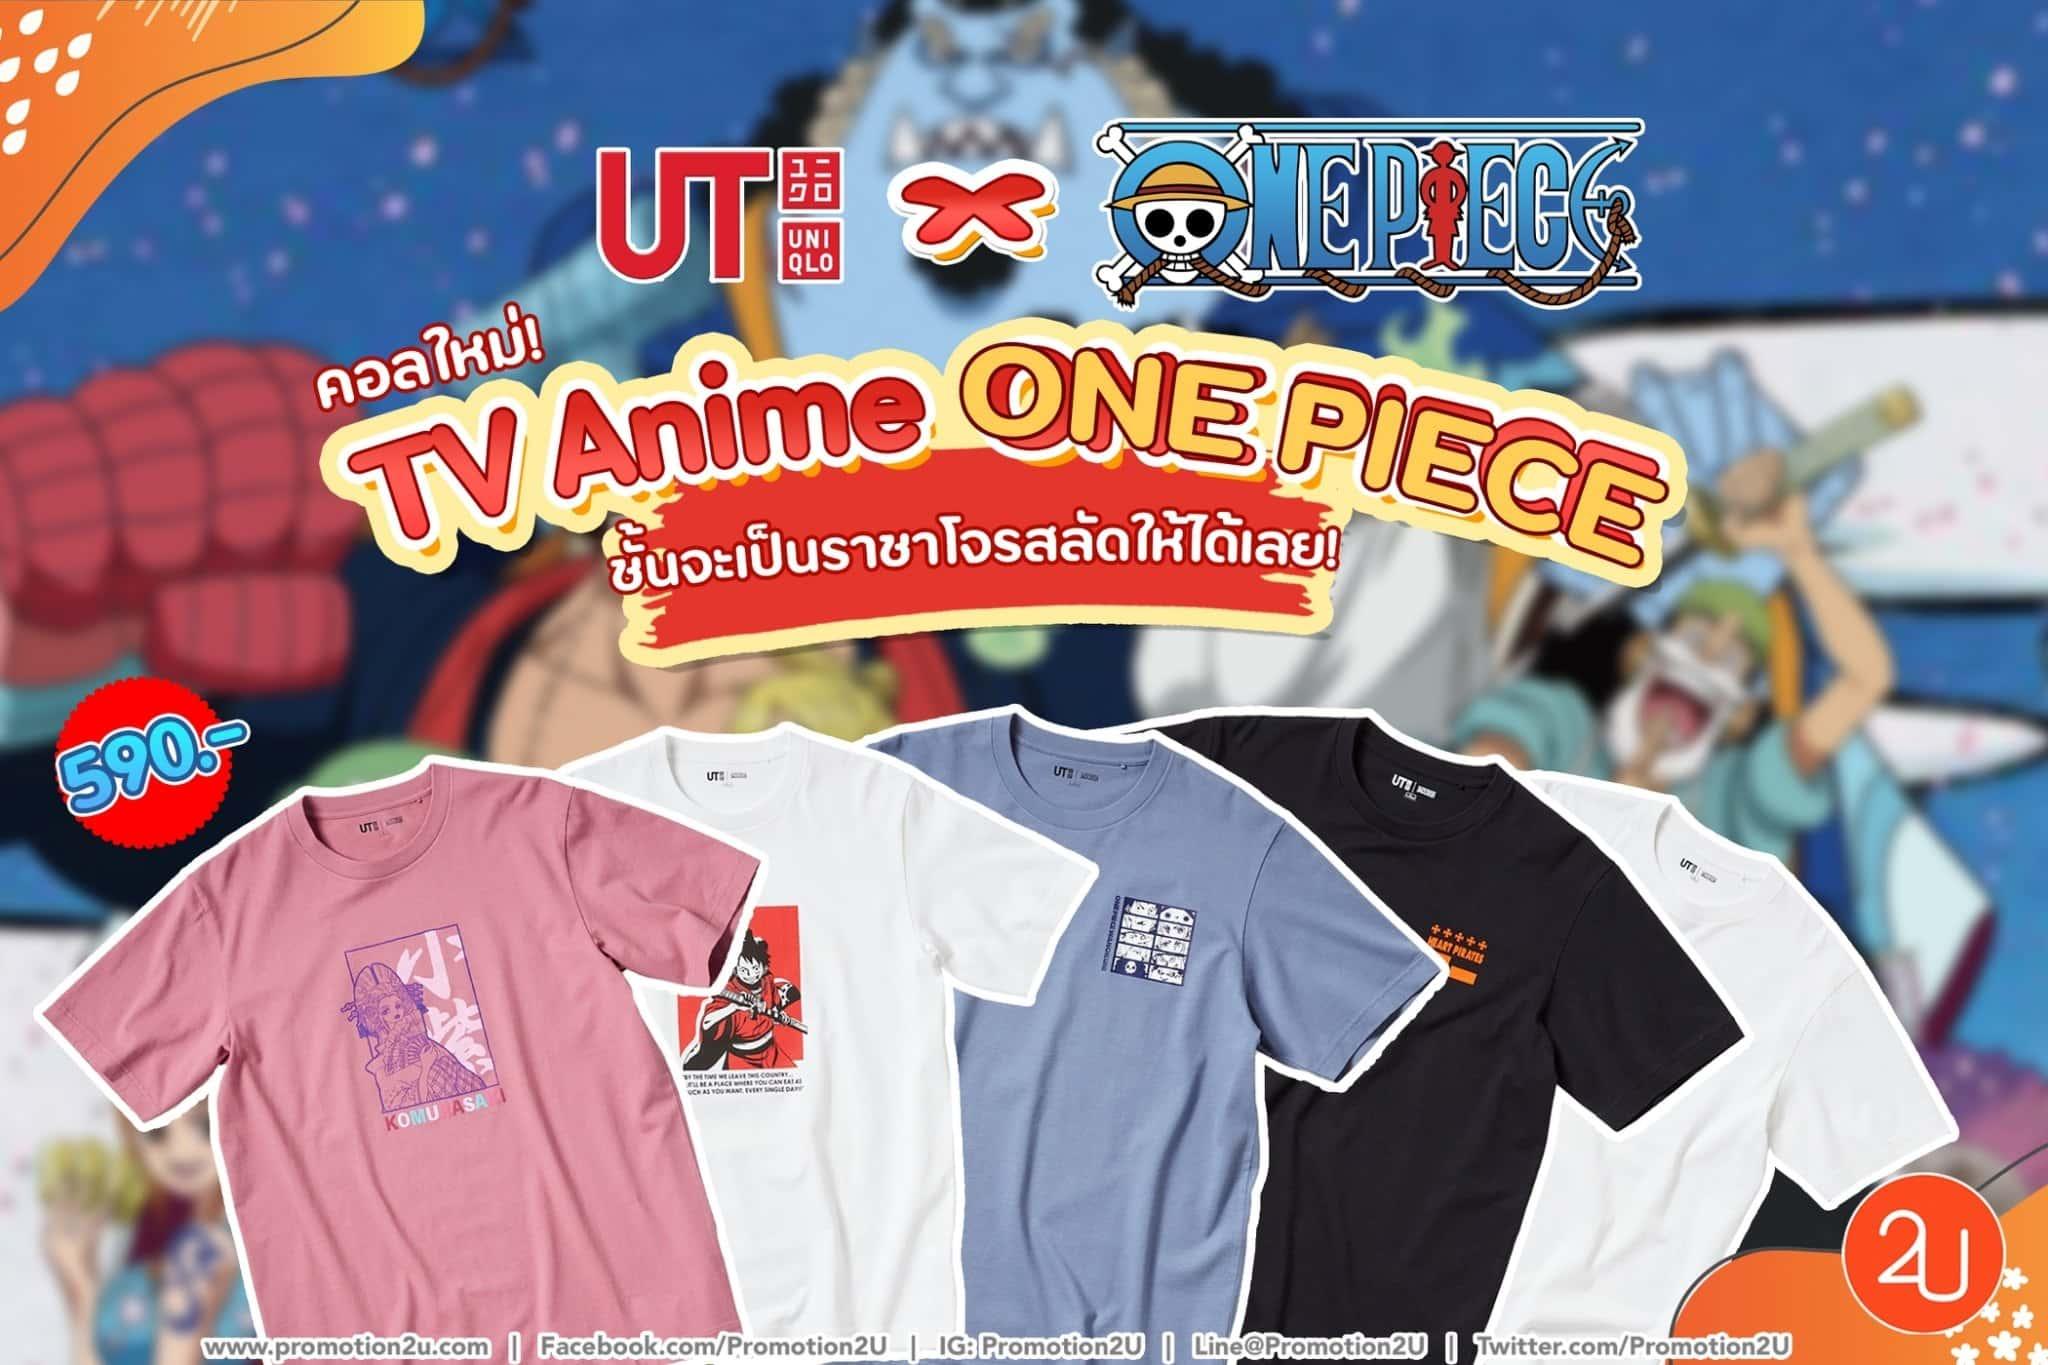 Uniqlo x ONE PIECE คอลใหม่! โจรสลัดหมวกฟางและเหล่าก๊วนเพื่อน~